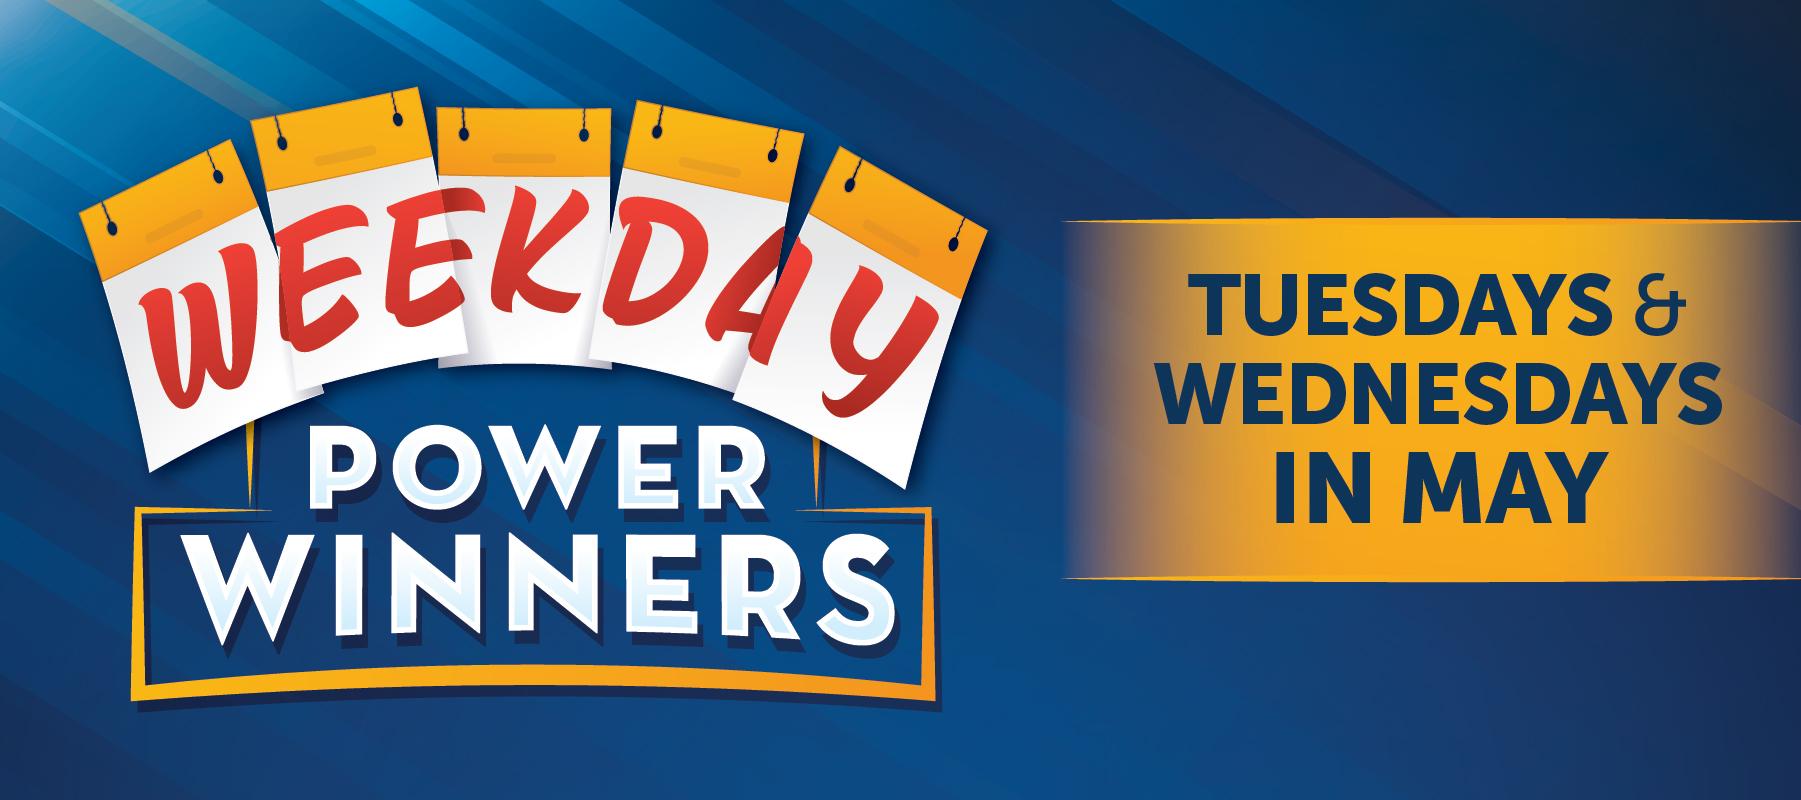 Weekday Power Winners